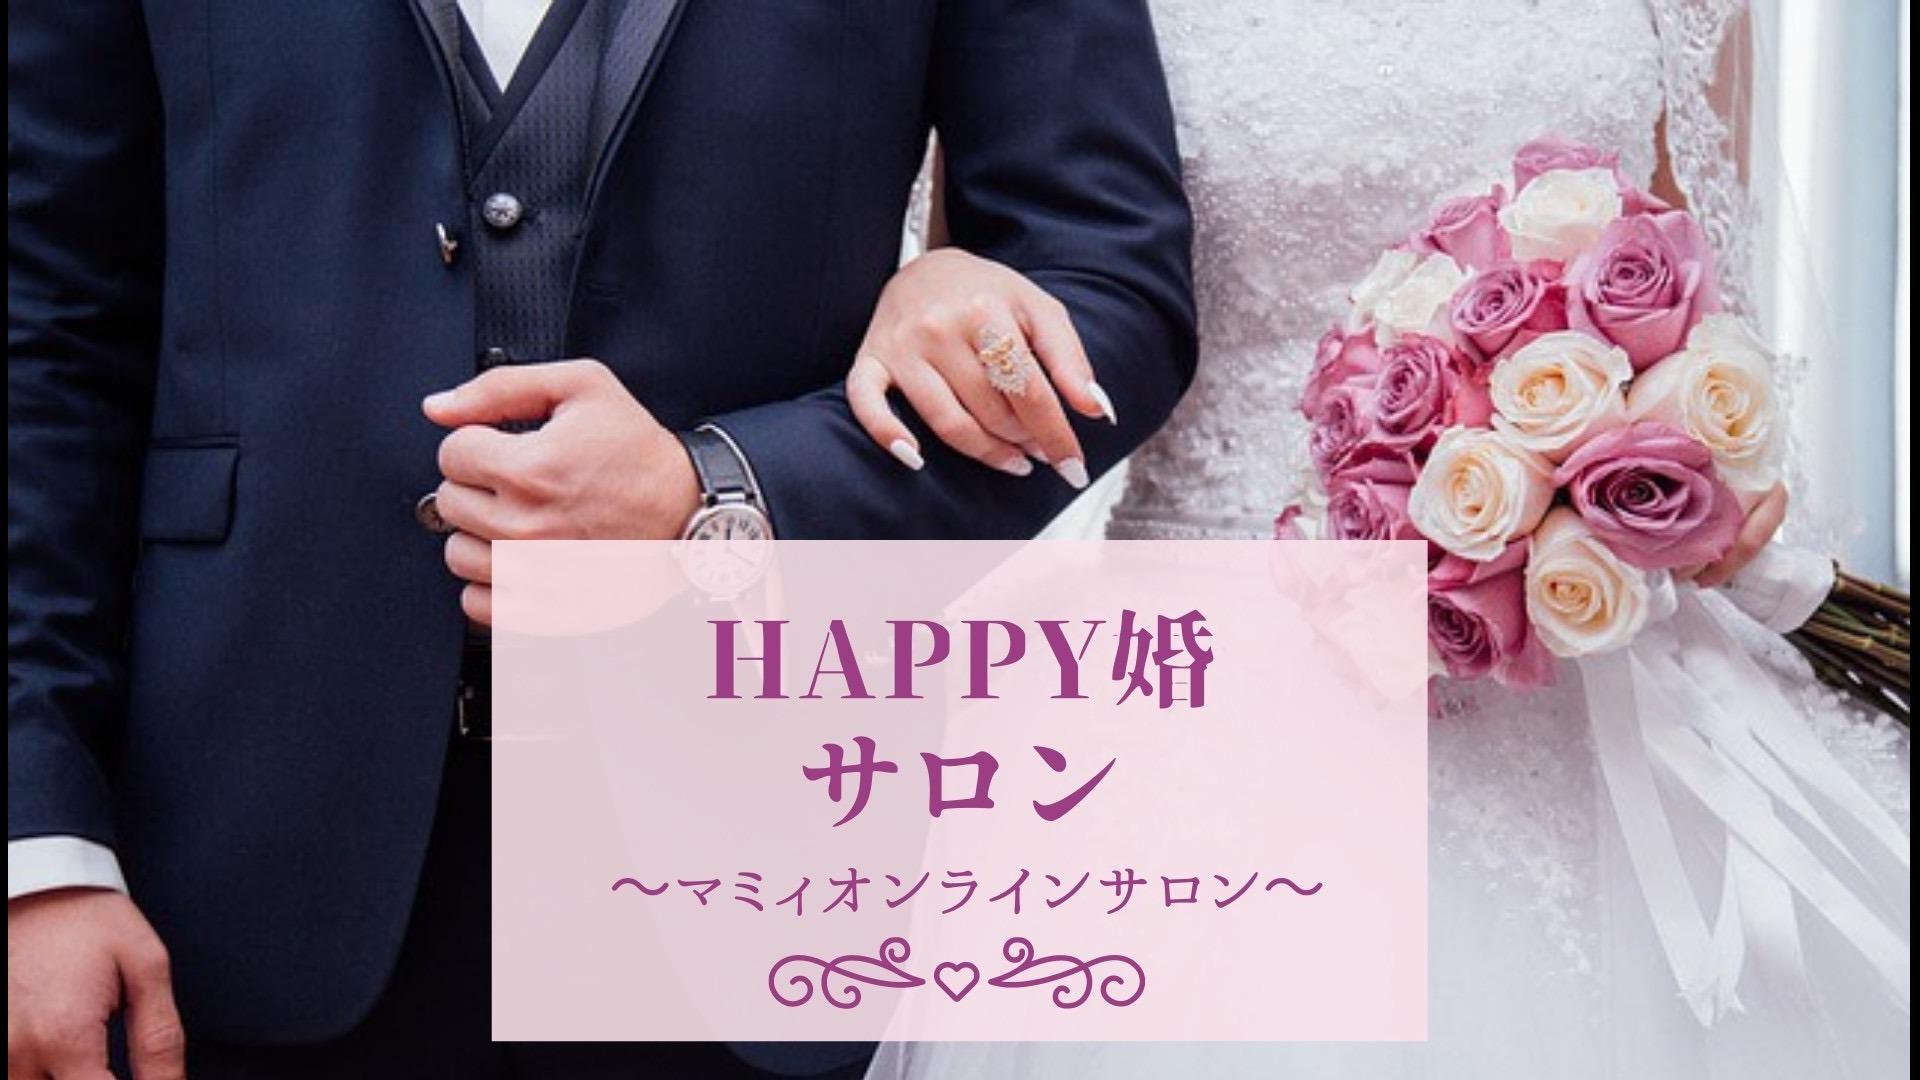 HAPPY婚サロン